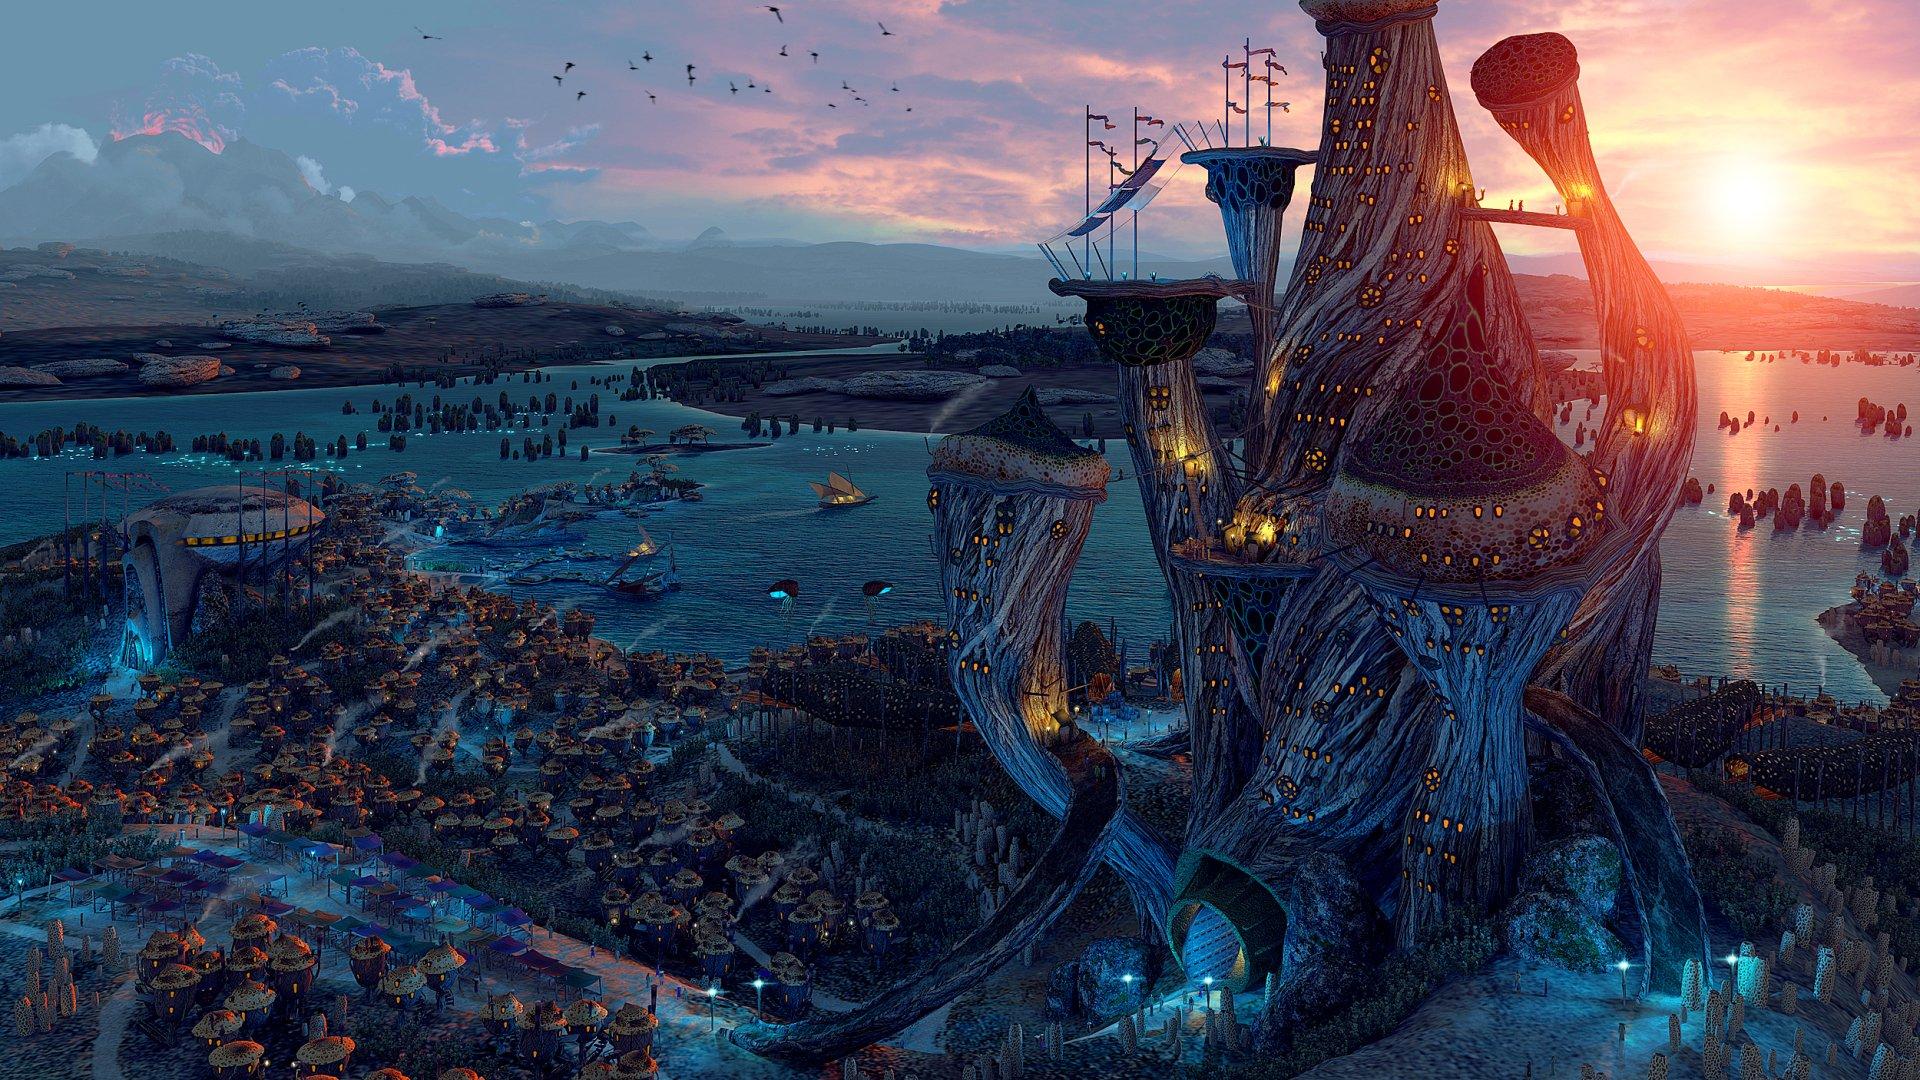 1. The Elder Scrolls III: Morrowind -